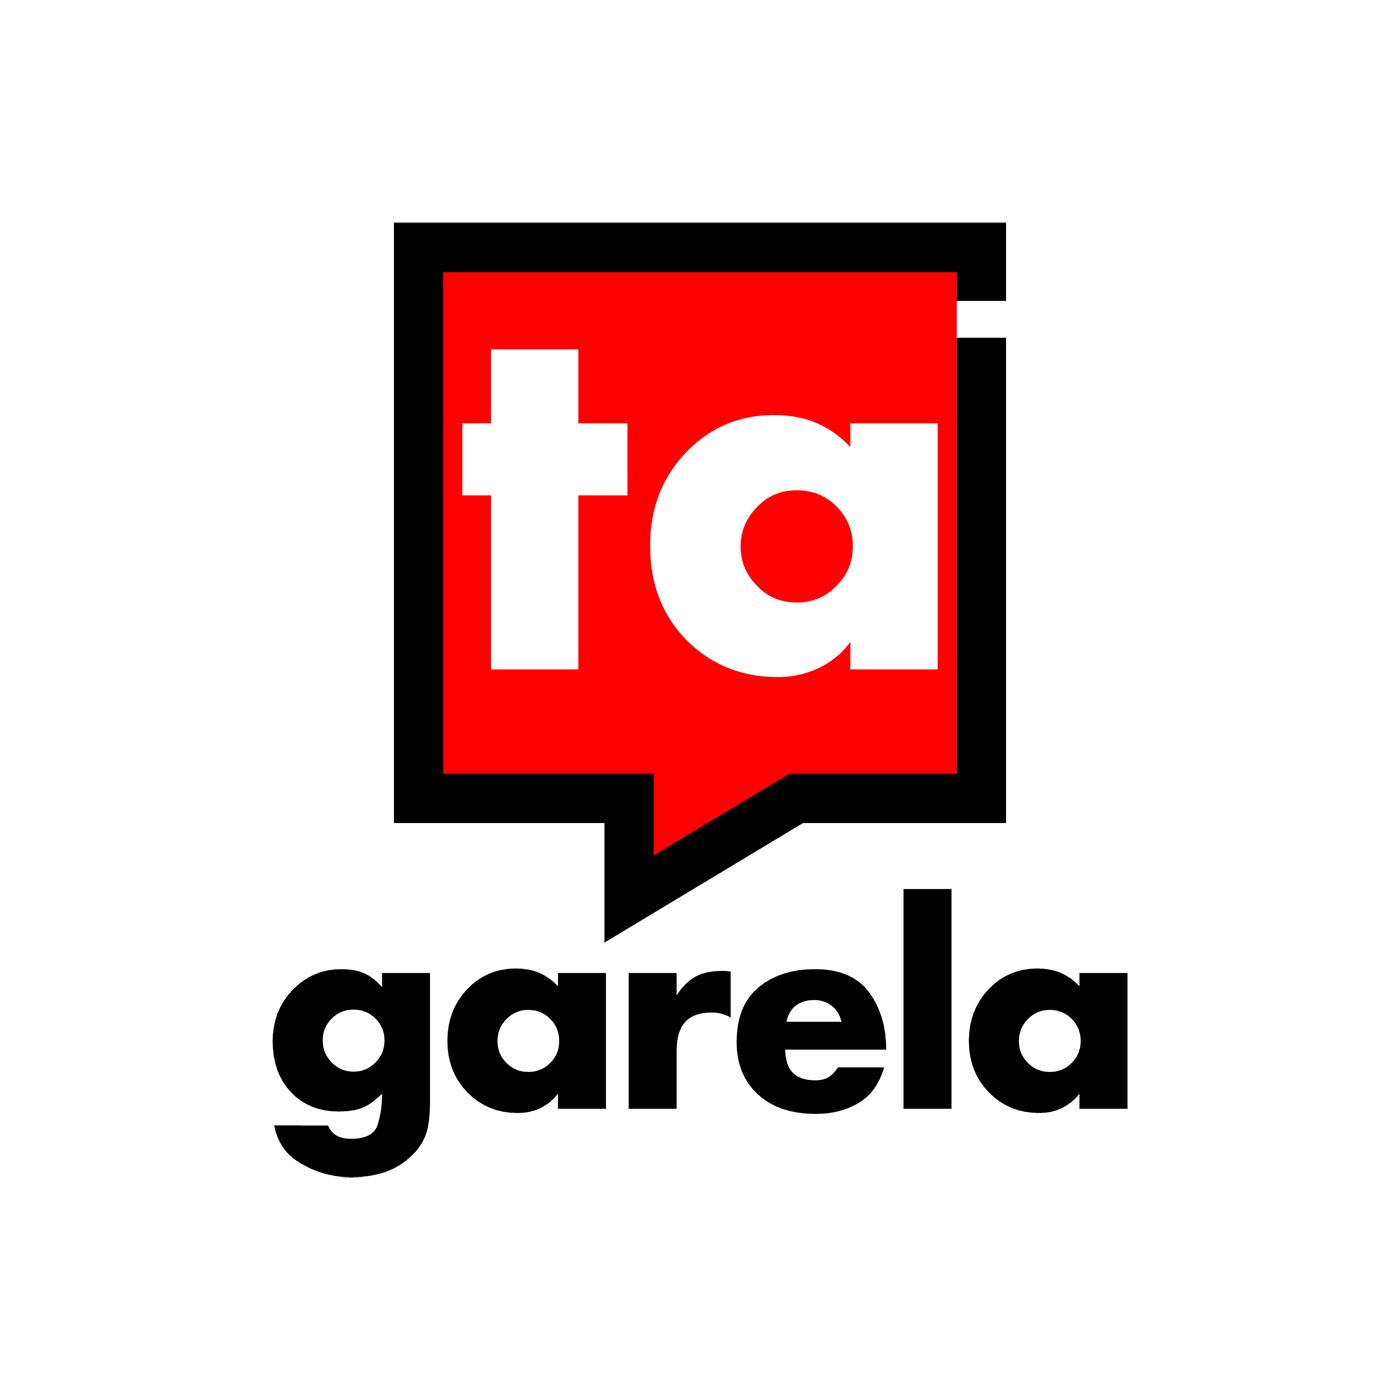 Tagarela | CARLOS RUAS (Histórias em Quadrinhos)